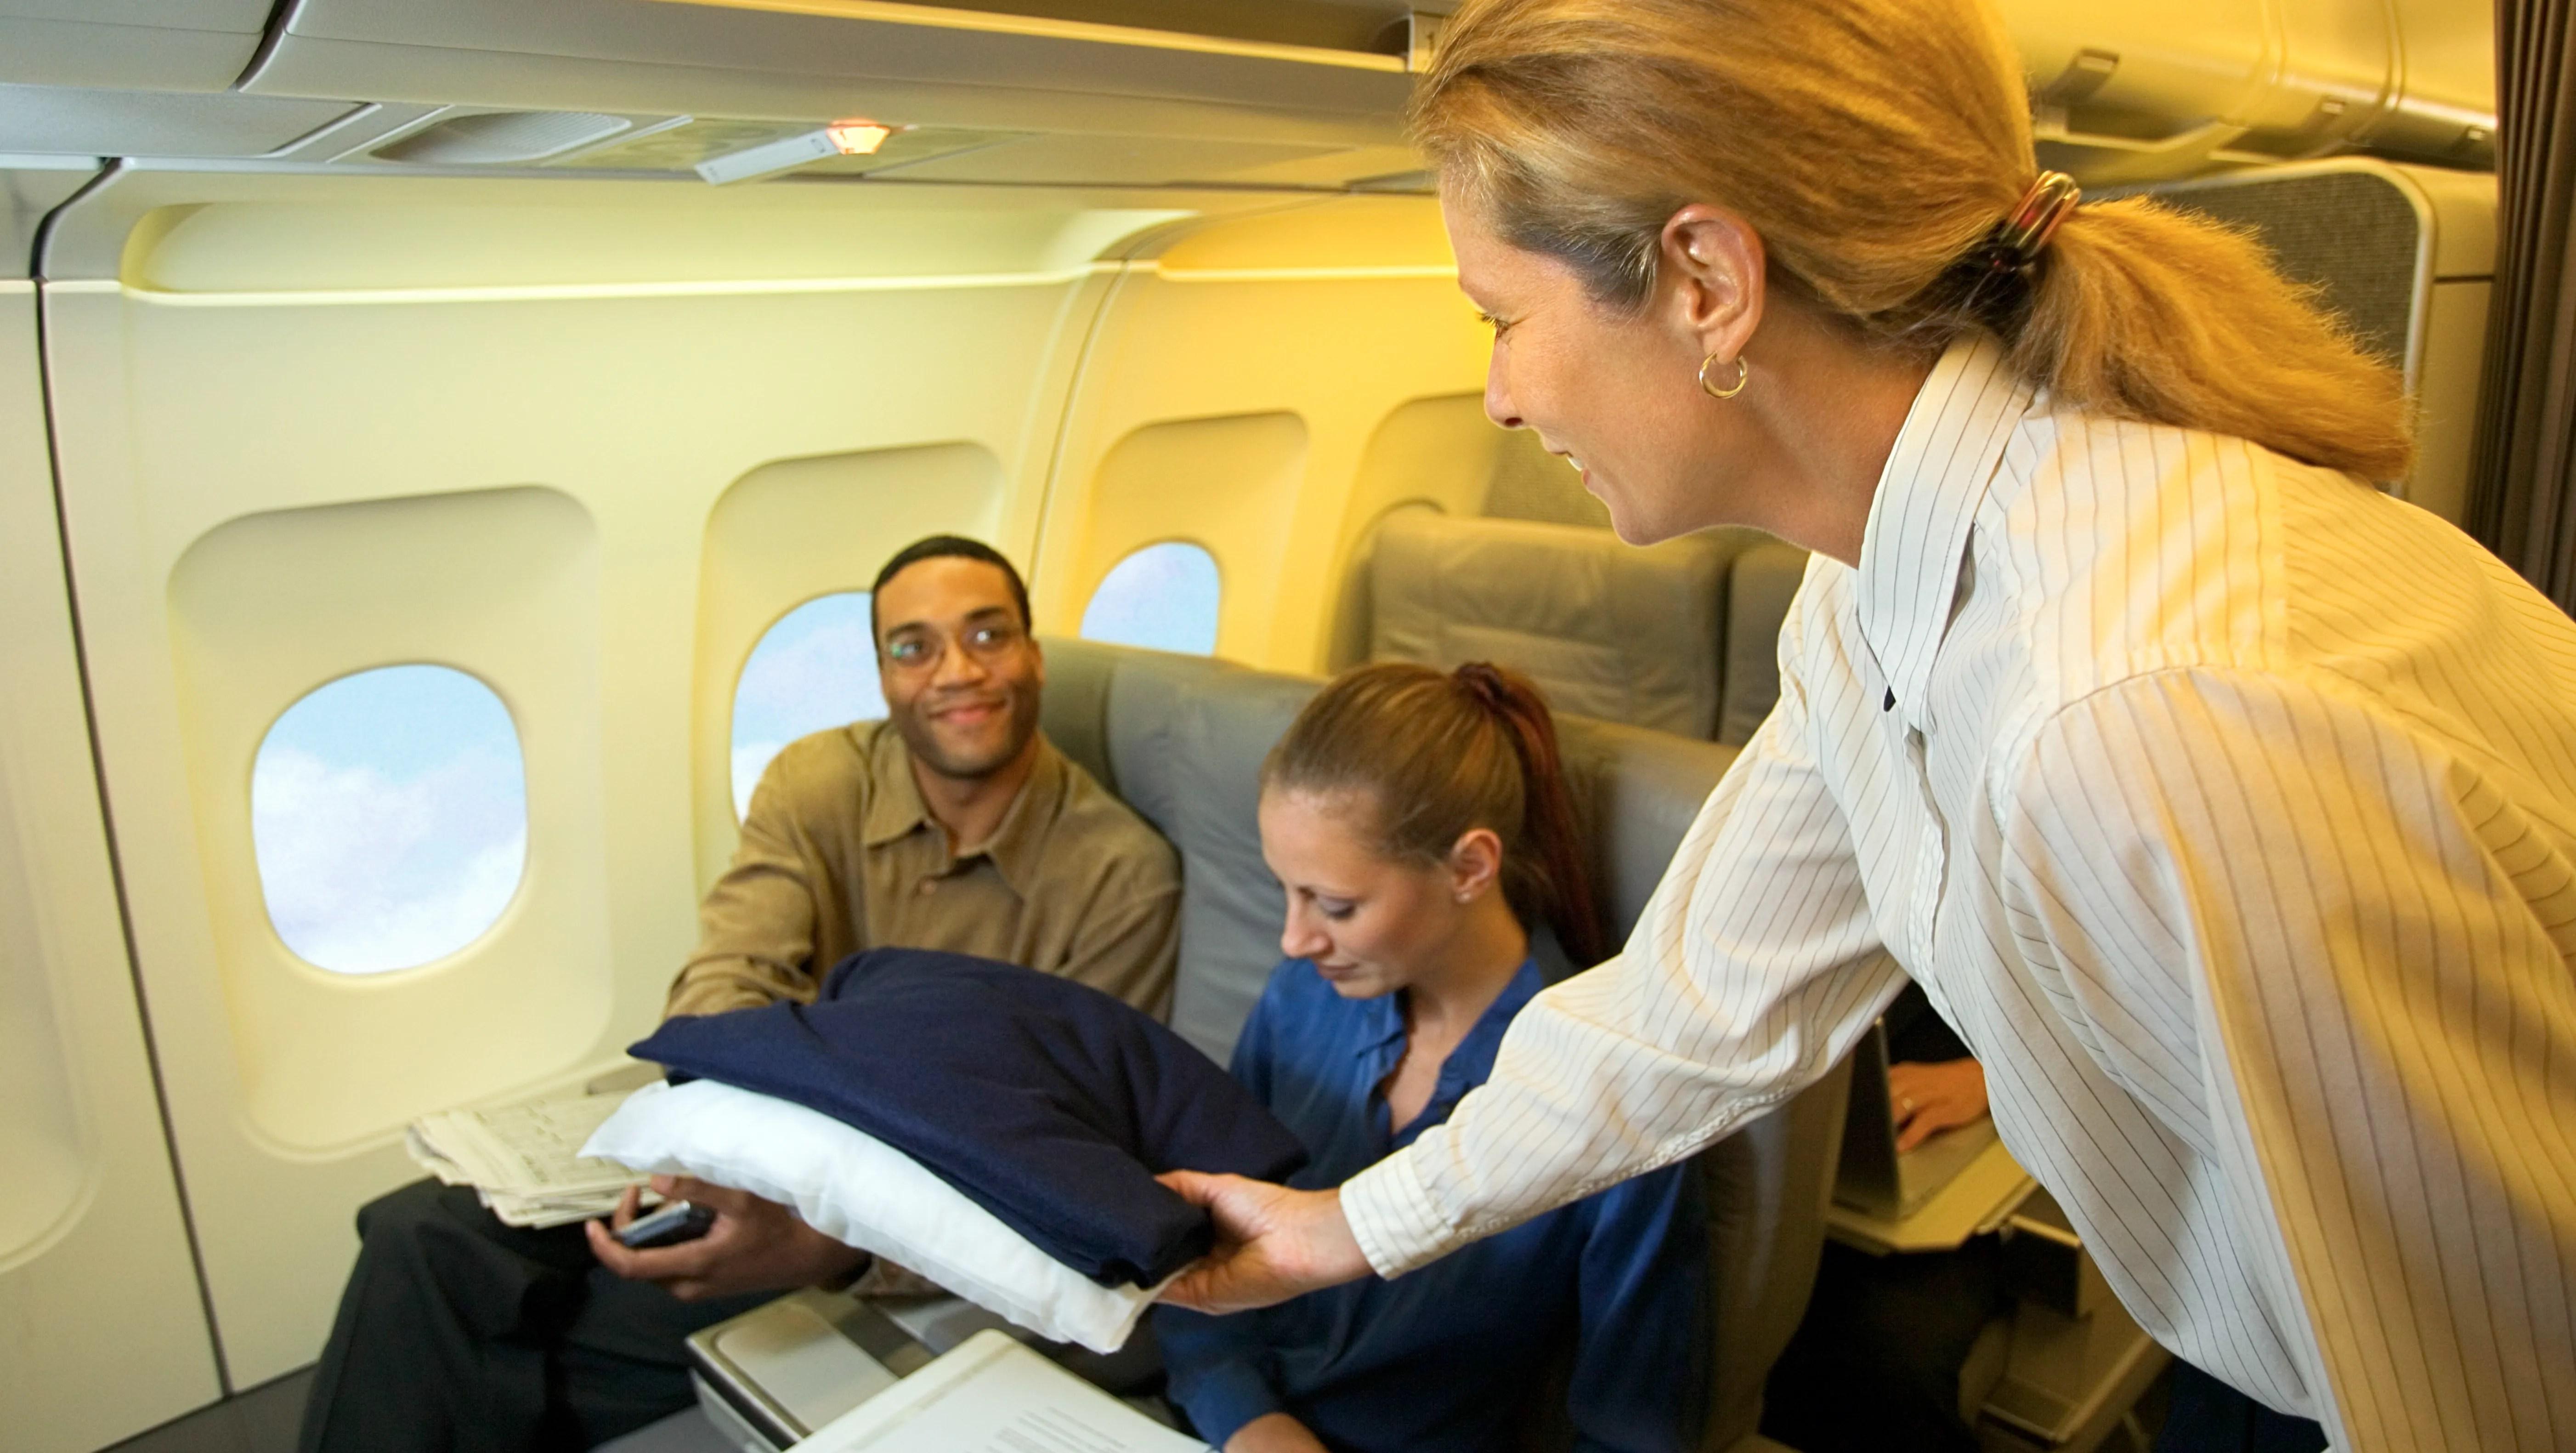 Five myths about flight attendants